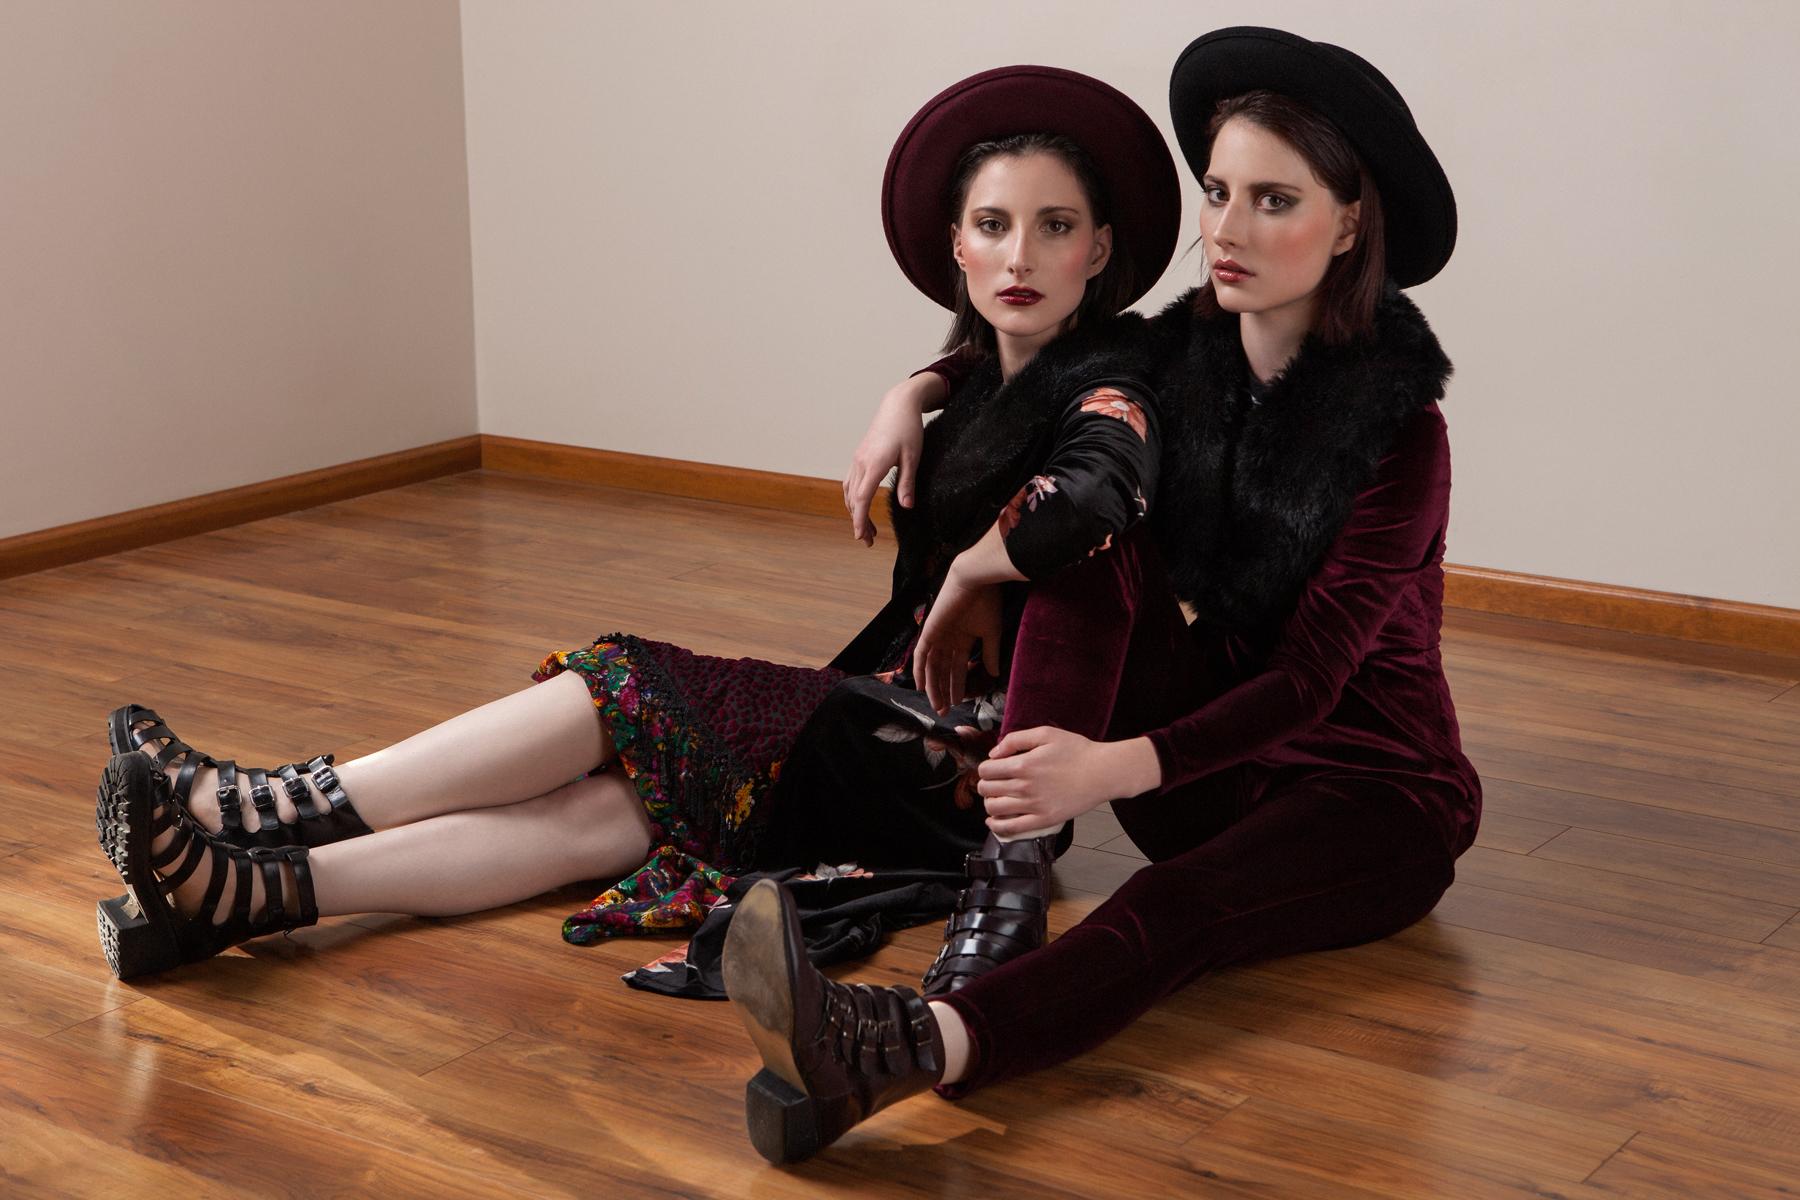 KirstinAnne_Twins13.jpg